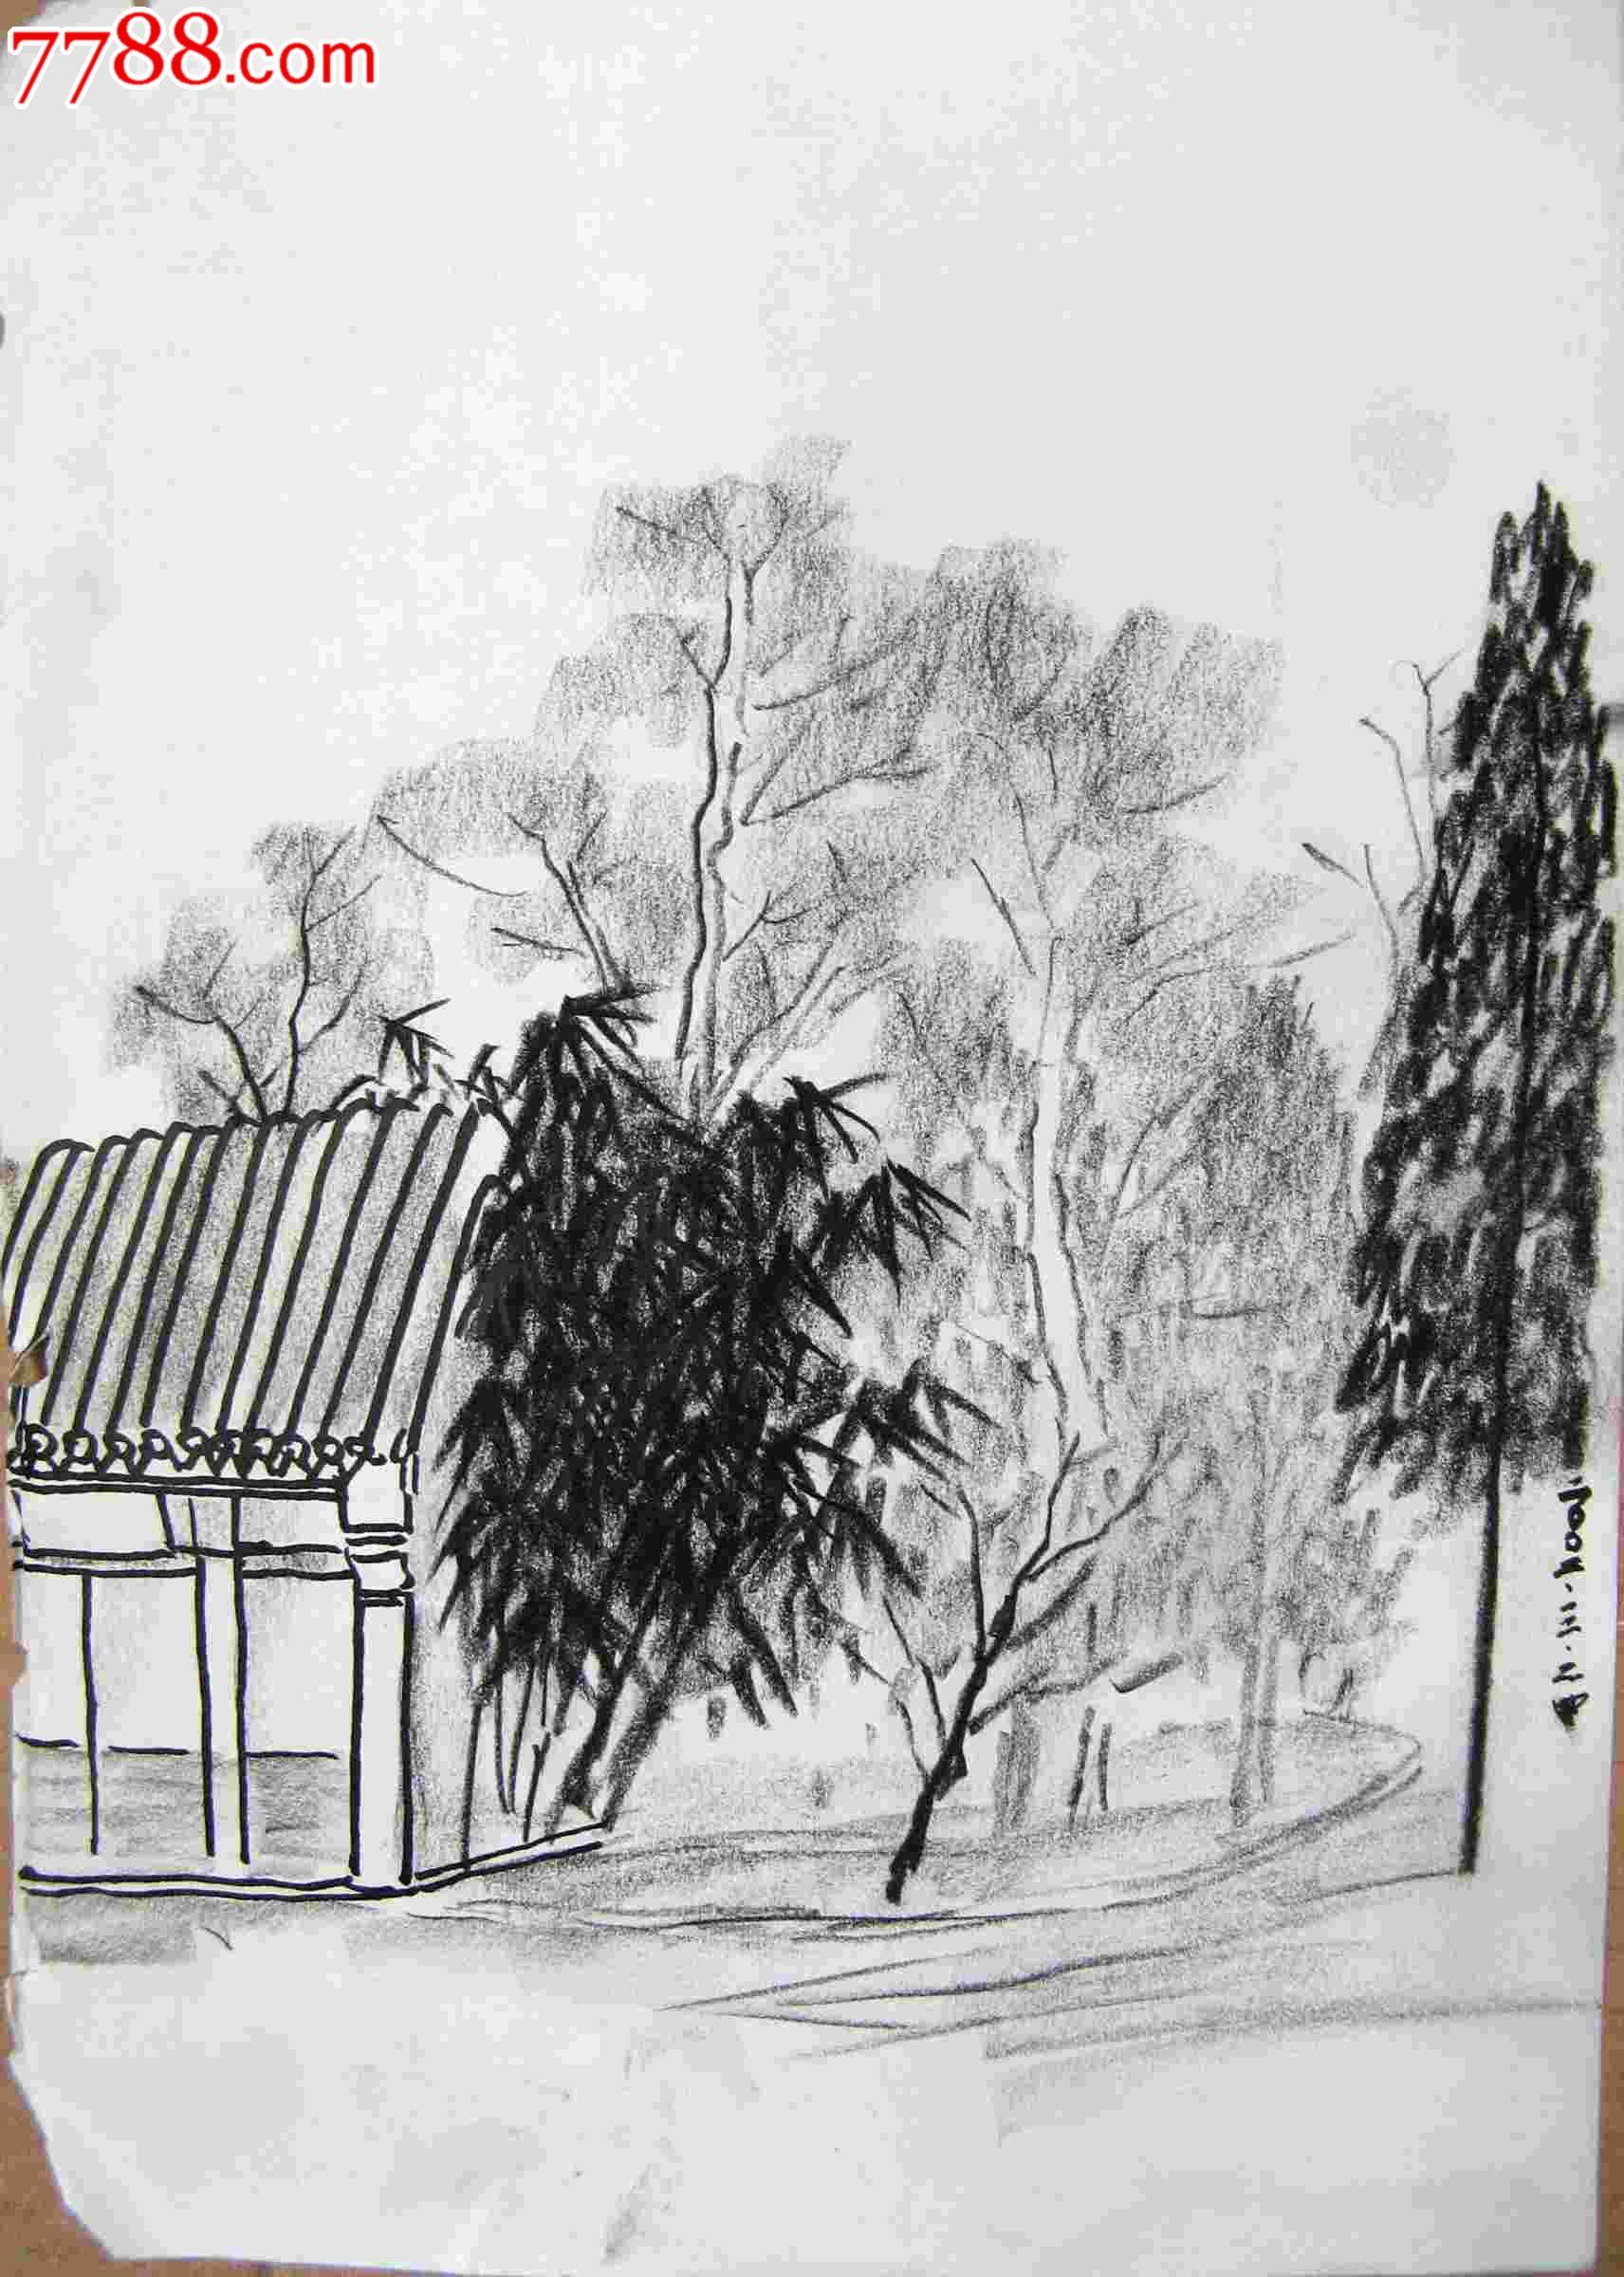 画家素描画稿风景建筑画3幅